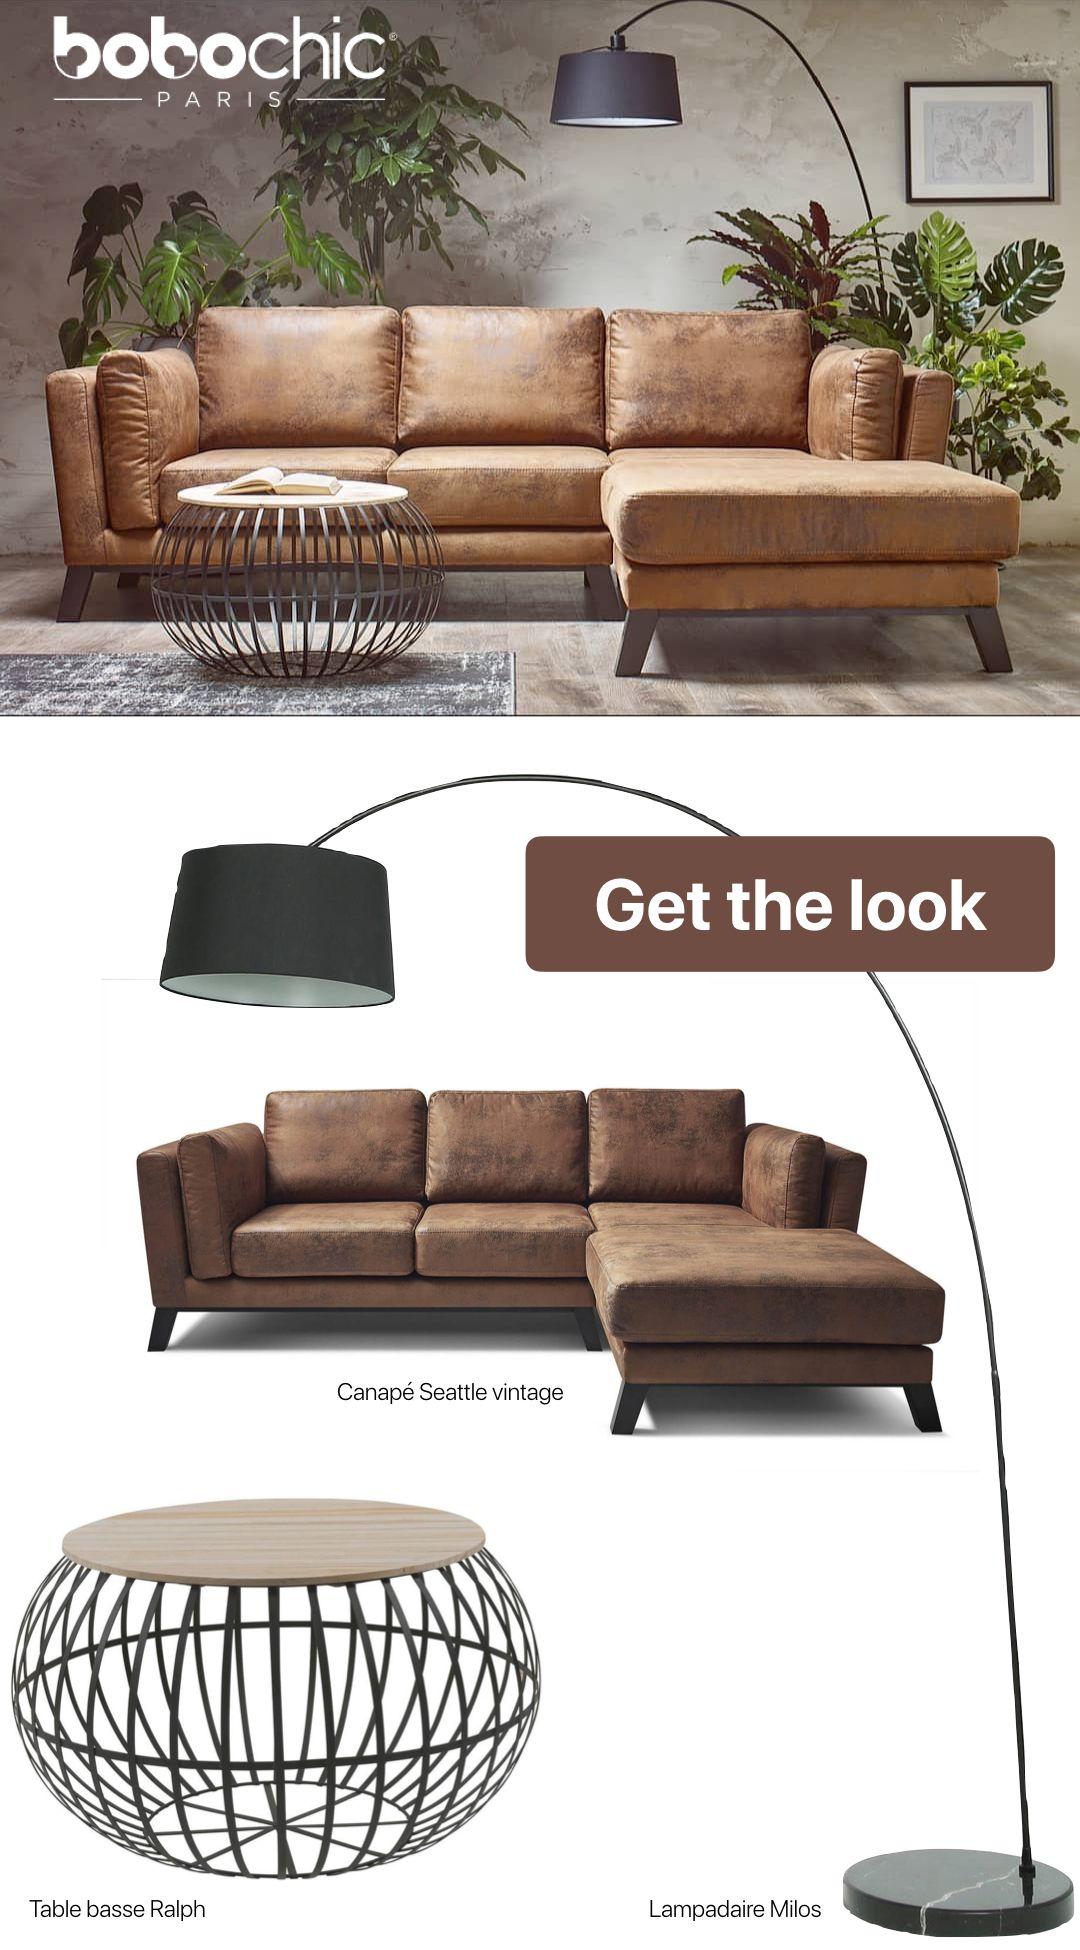 Comment Creer Un Salon Style Industriel Atelier Loft Grace A Bobochic Et Le Canape Angle Cuir Salon Style Industriel Canape Angle Canape Style Industriel